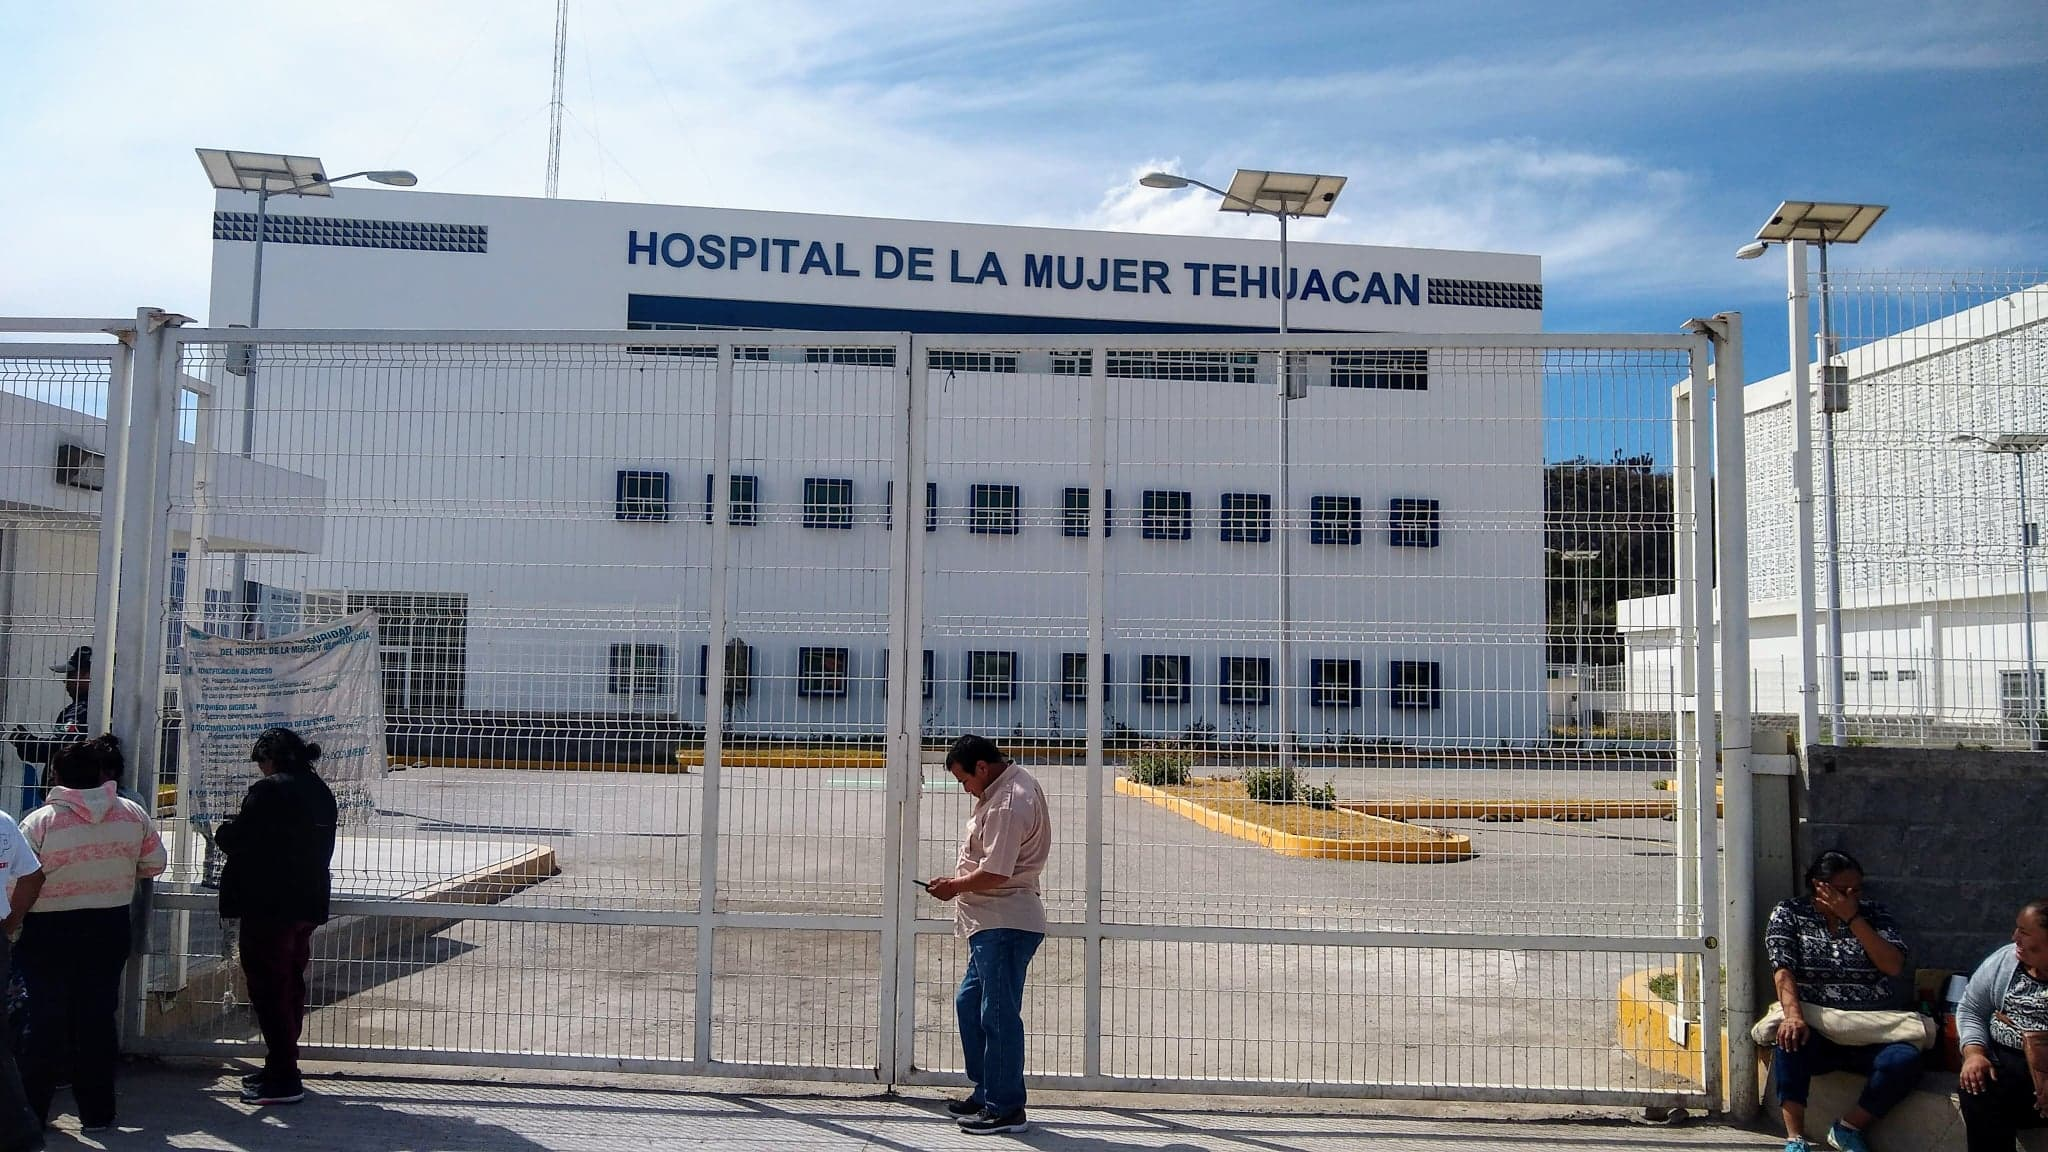 Acusan falta de atención médica a embarazada en Hospital de la Mujer en Tehuacán